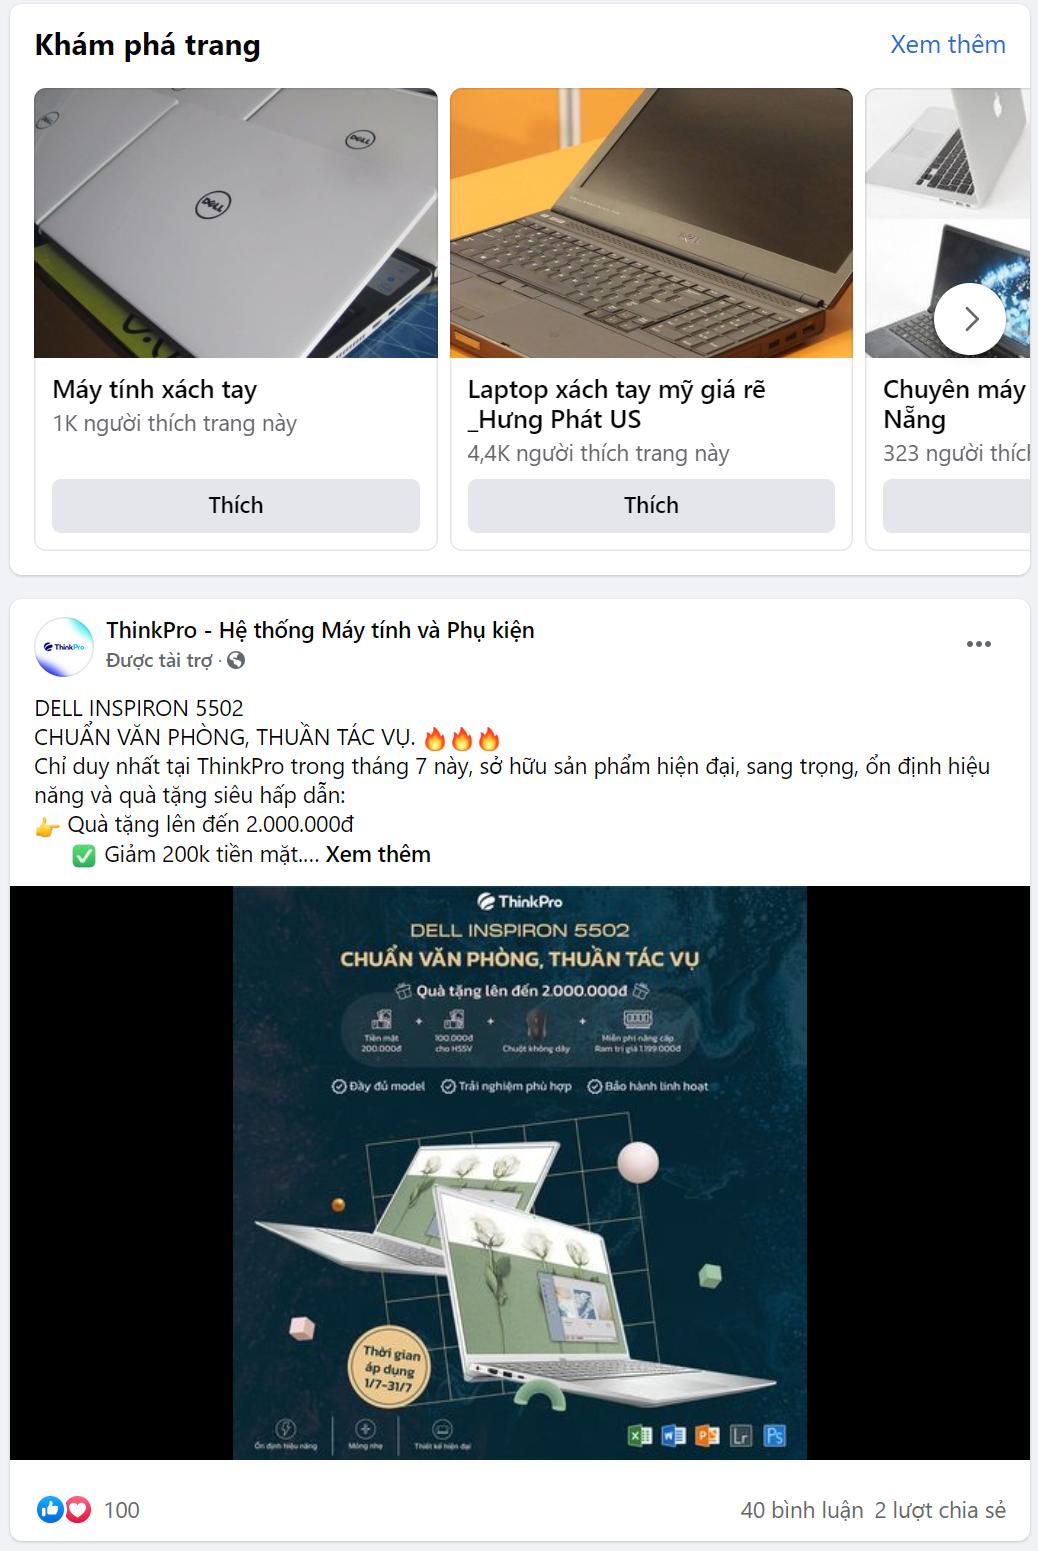 target facebook máy tính xách tay, laptop